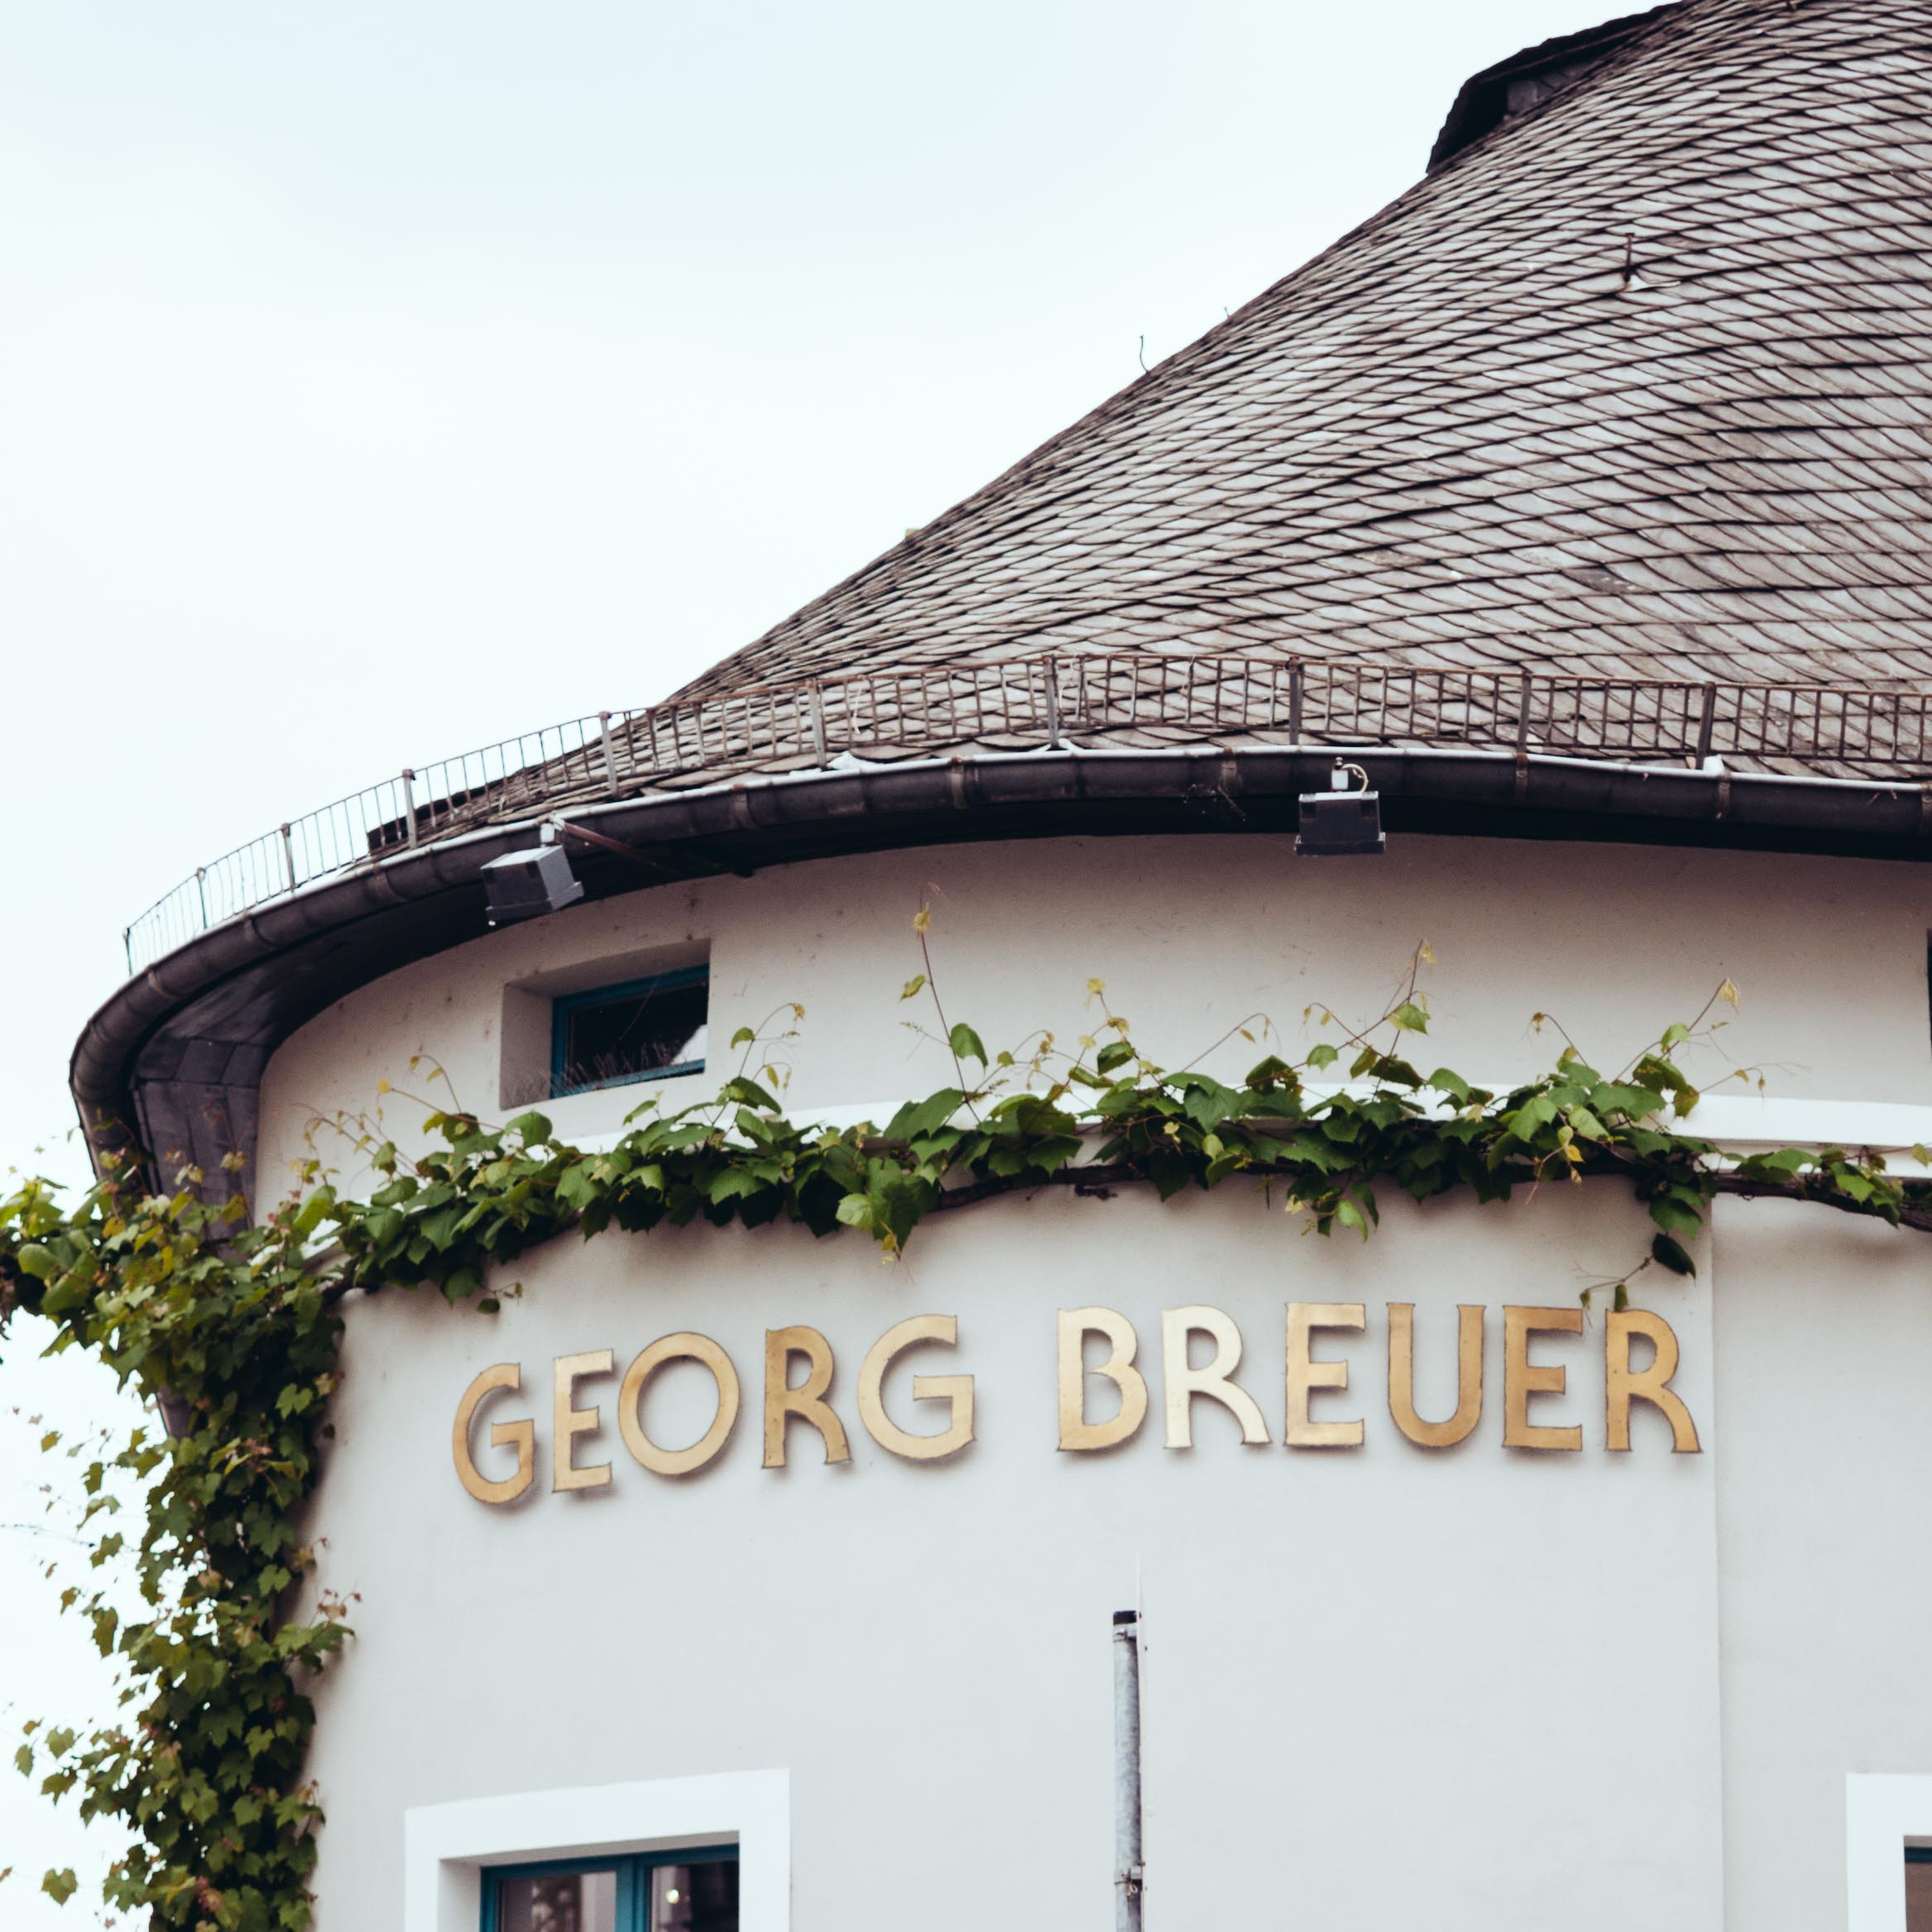 Riesling-Hero-Georg-Breuer-9137.jpg